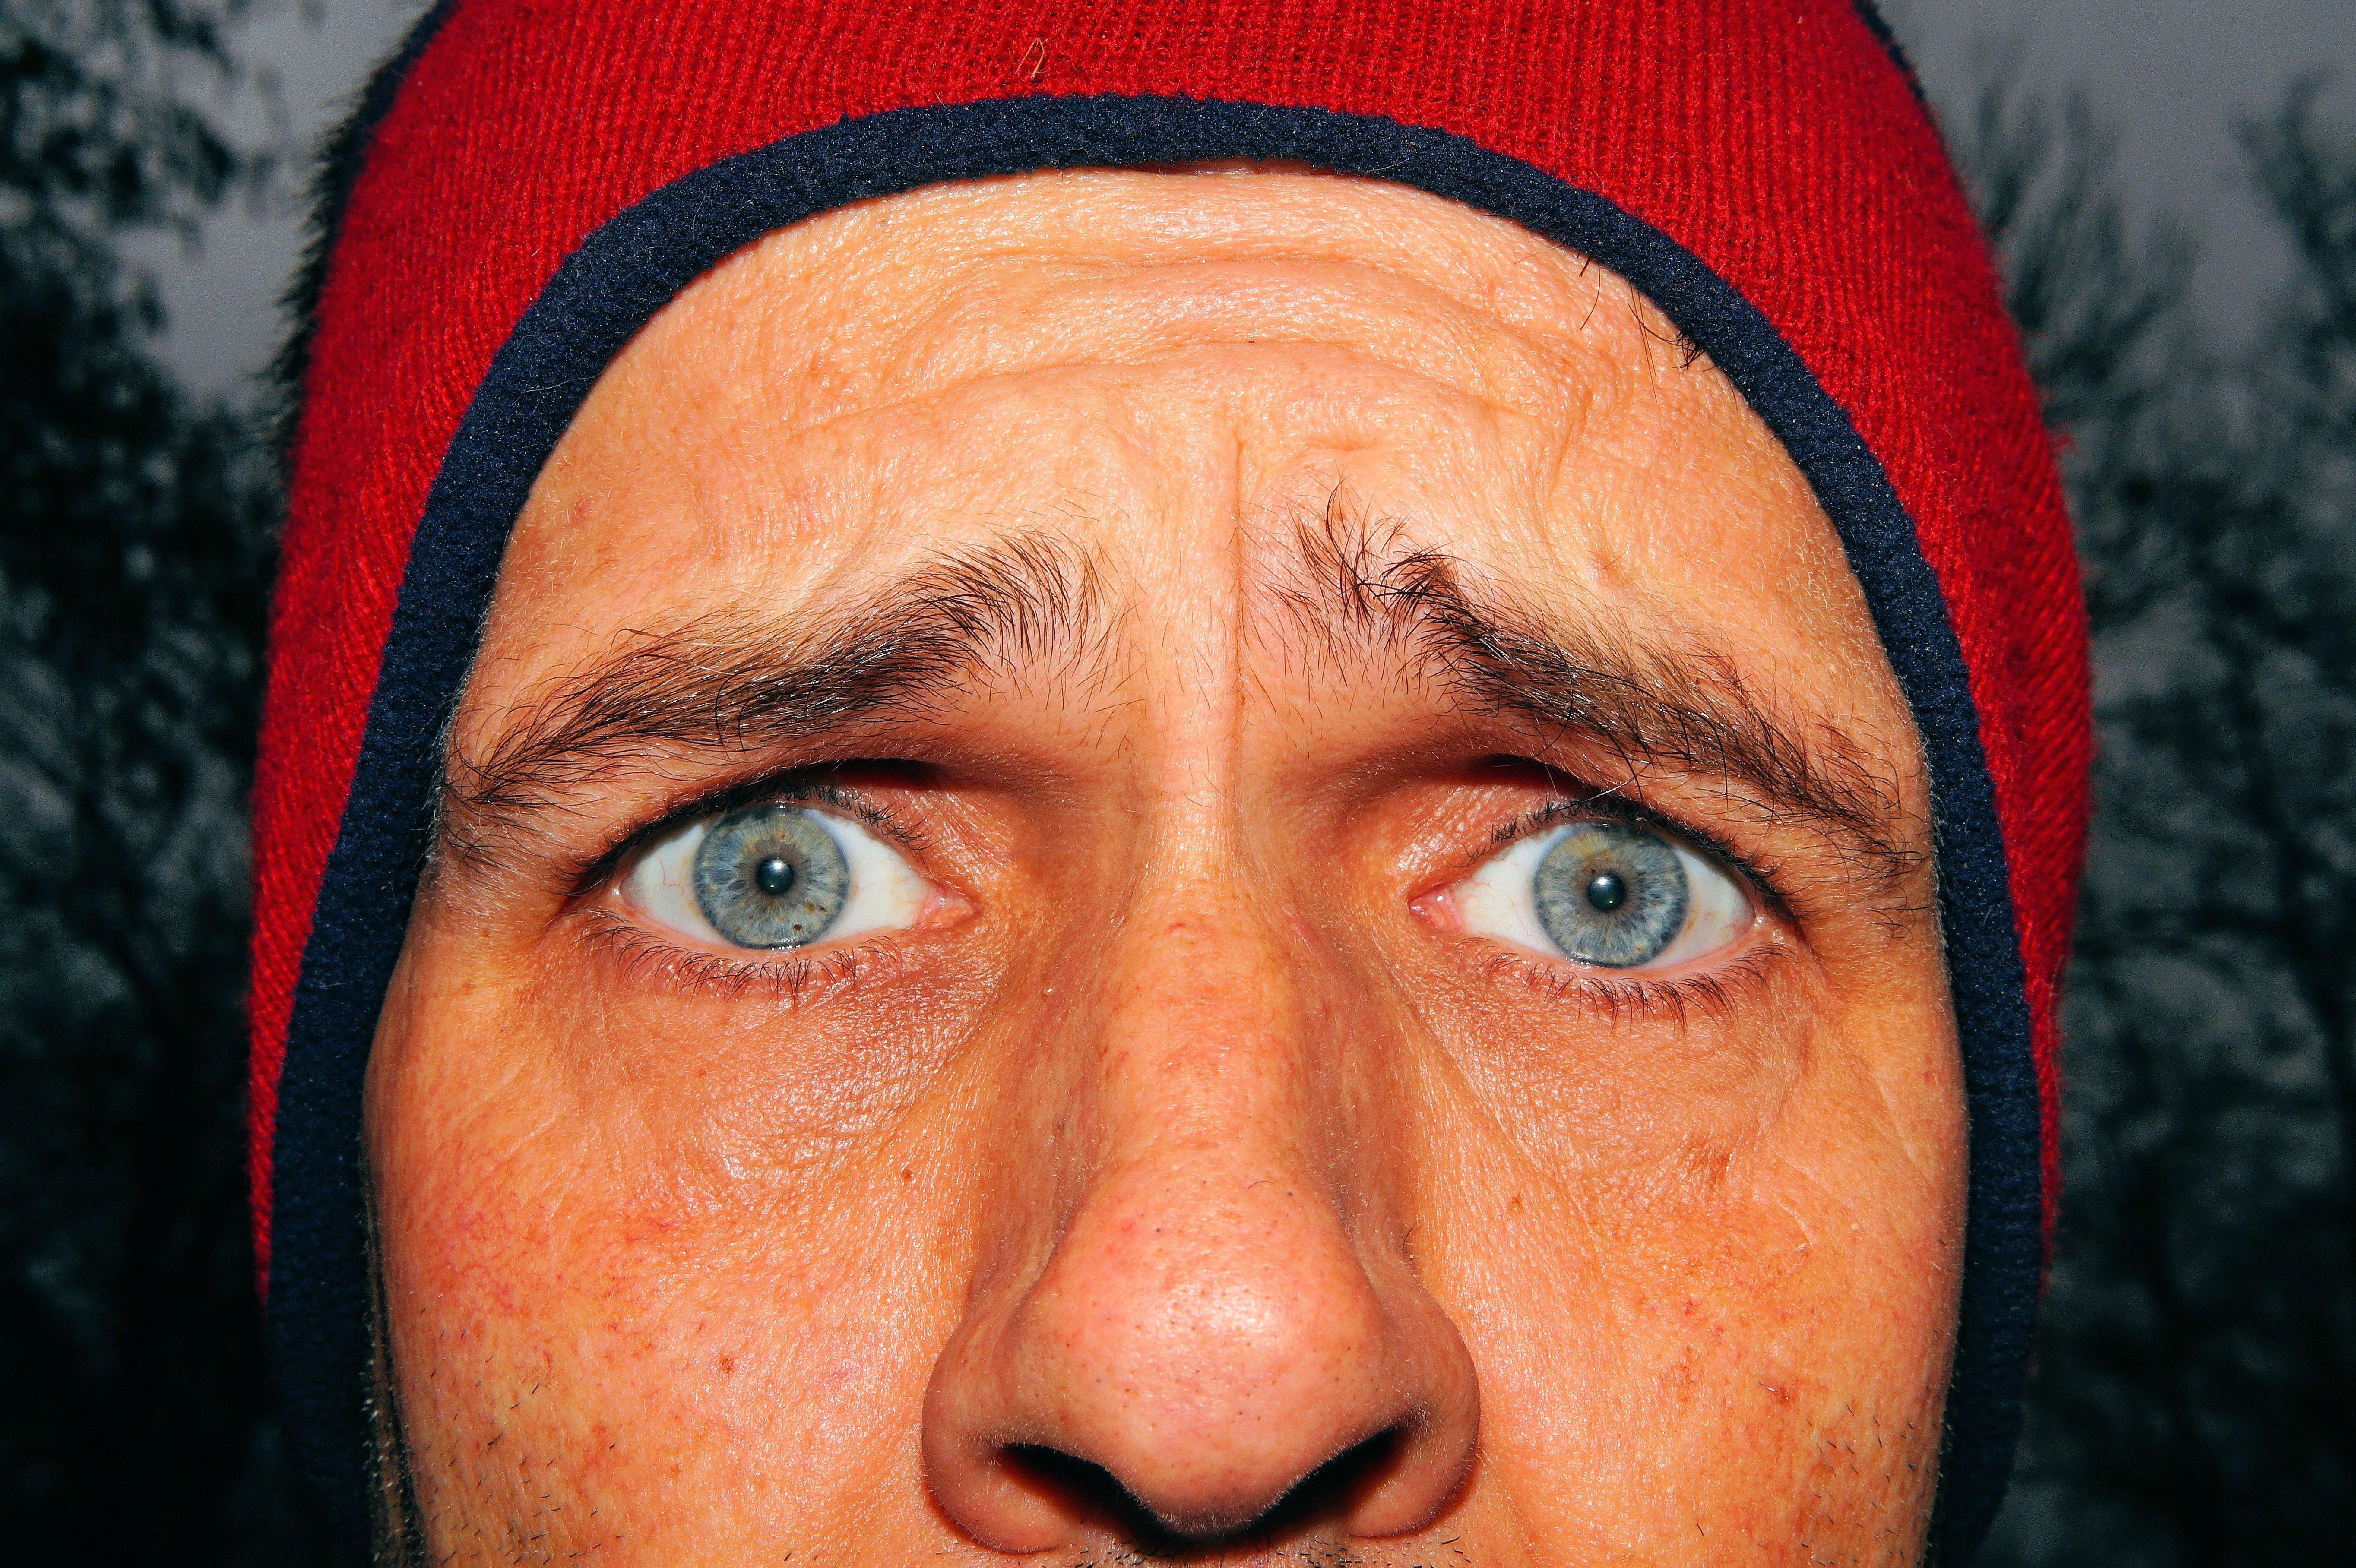 Cejas De Hombre fotos gratis : hombre, retrato, rojo, color, expresión